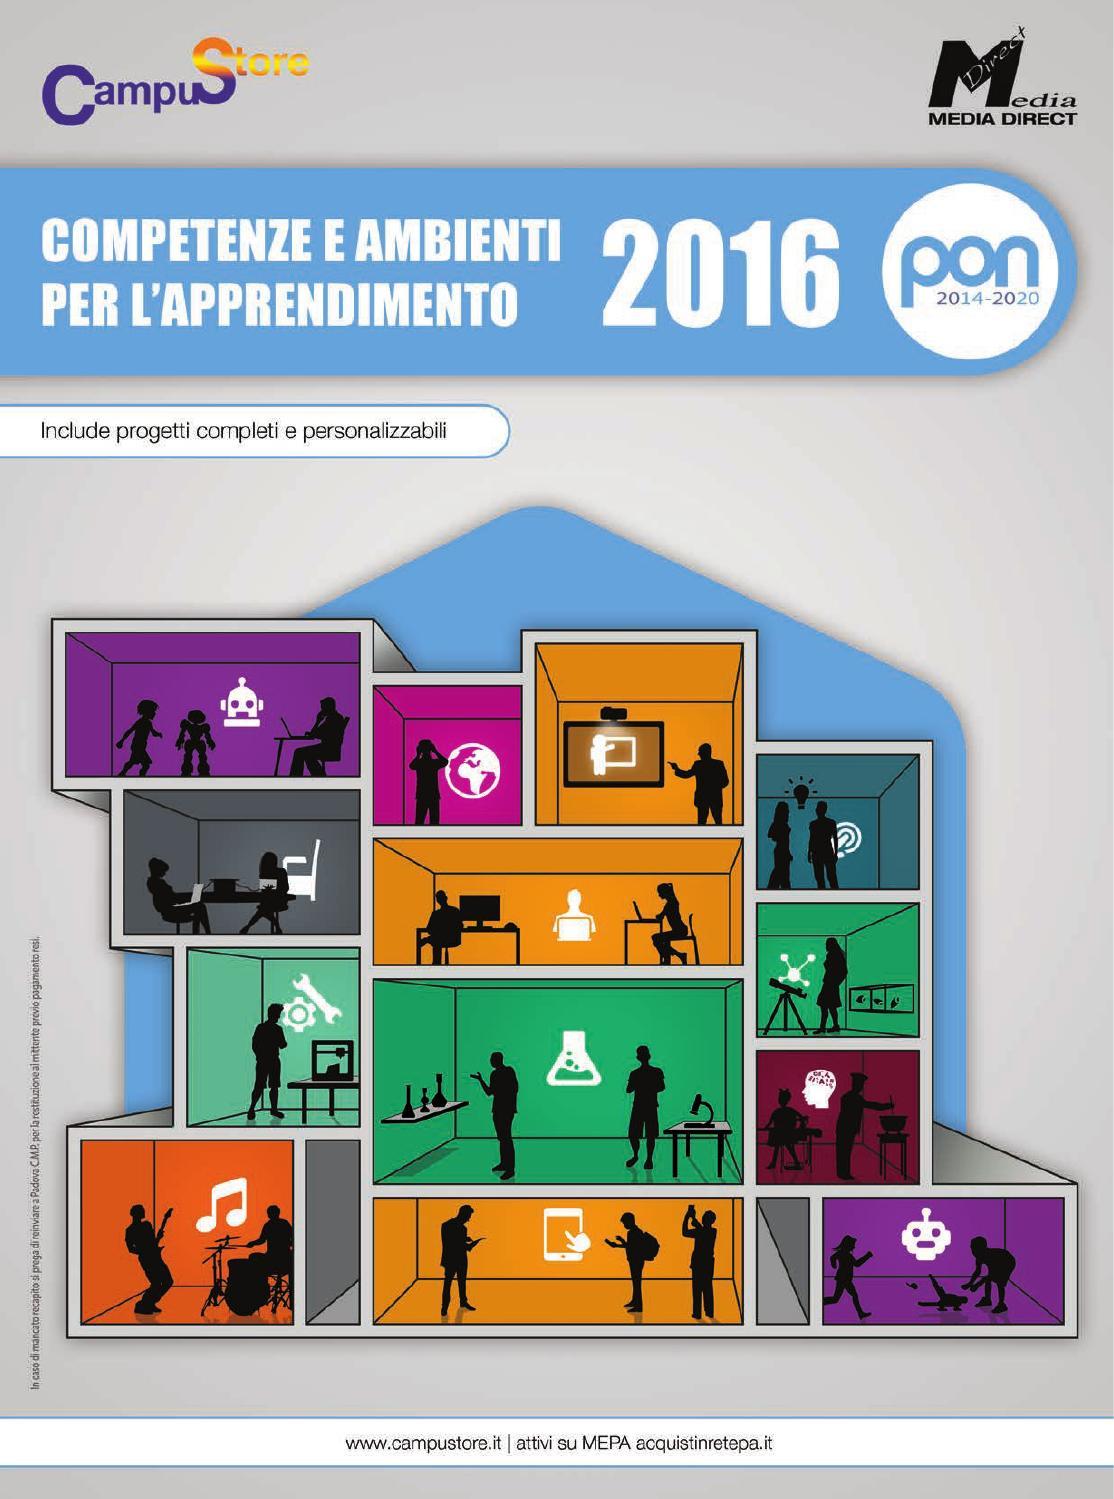 69b182b0ca Catalogo PON 2014-2020 - Competenze e ambienti per l'apprendimento by  CampuStore - issuu